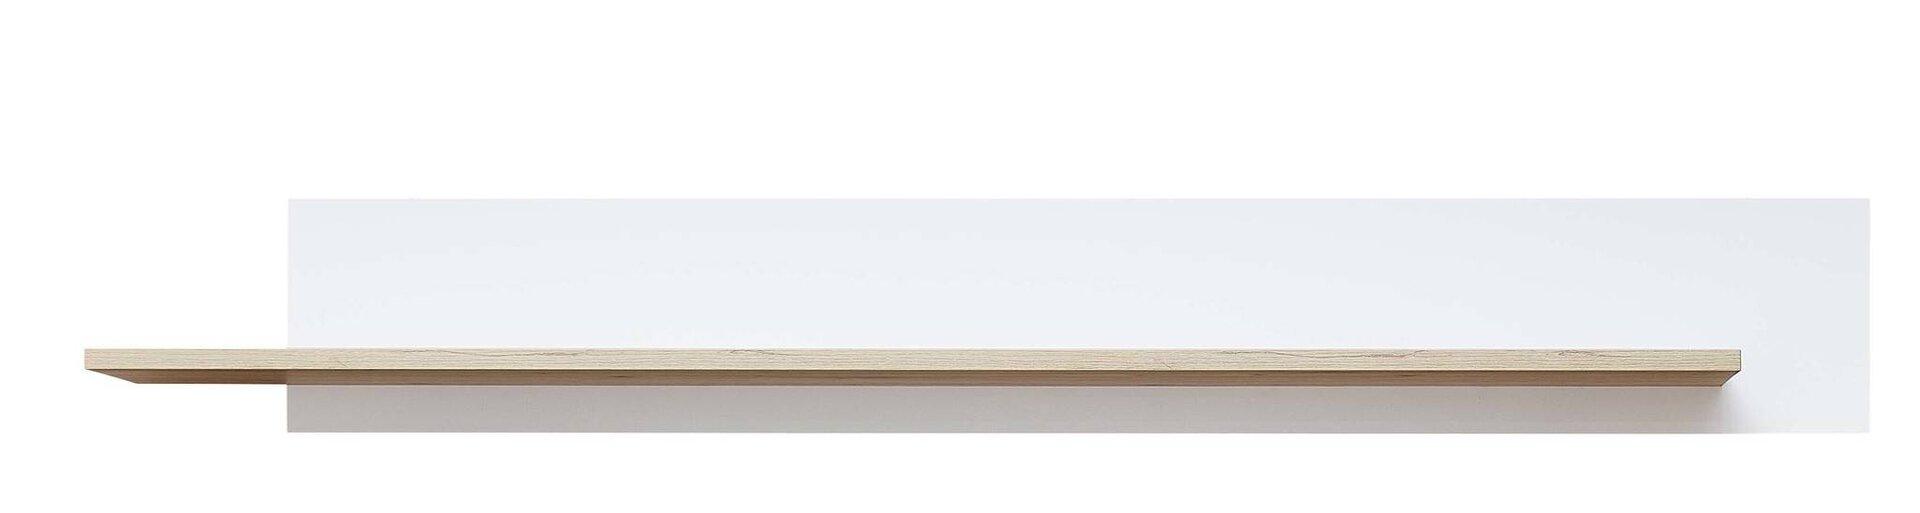 Wandbord LANDANO Vito Holzwerkstoff mehrfarbig 24 x 24 x 180 cm